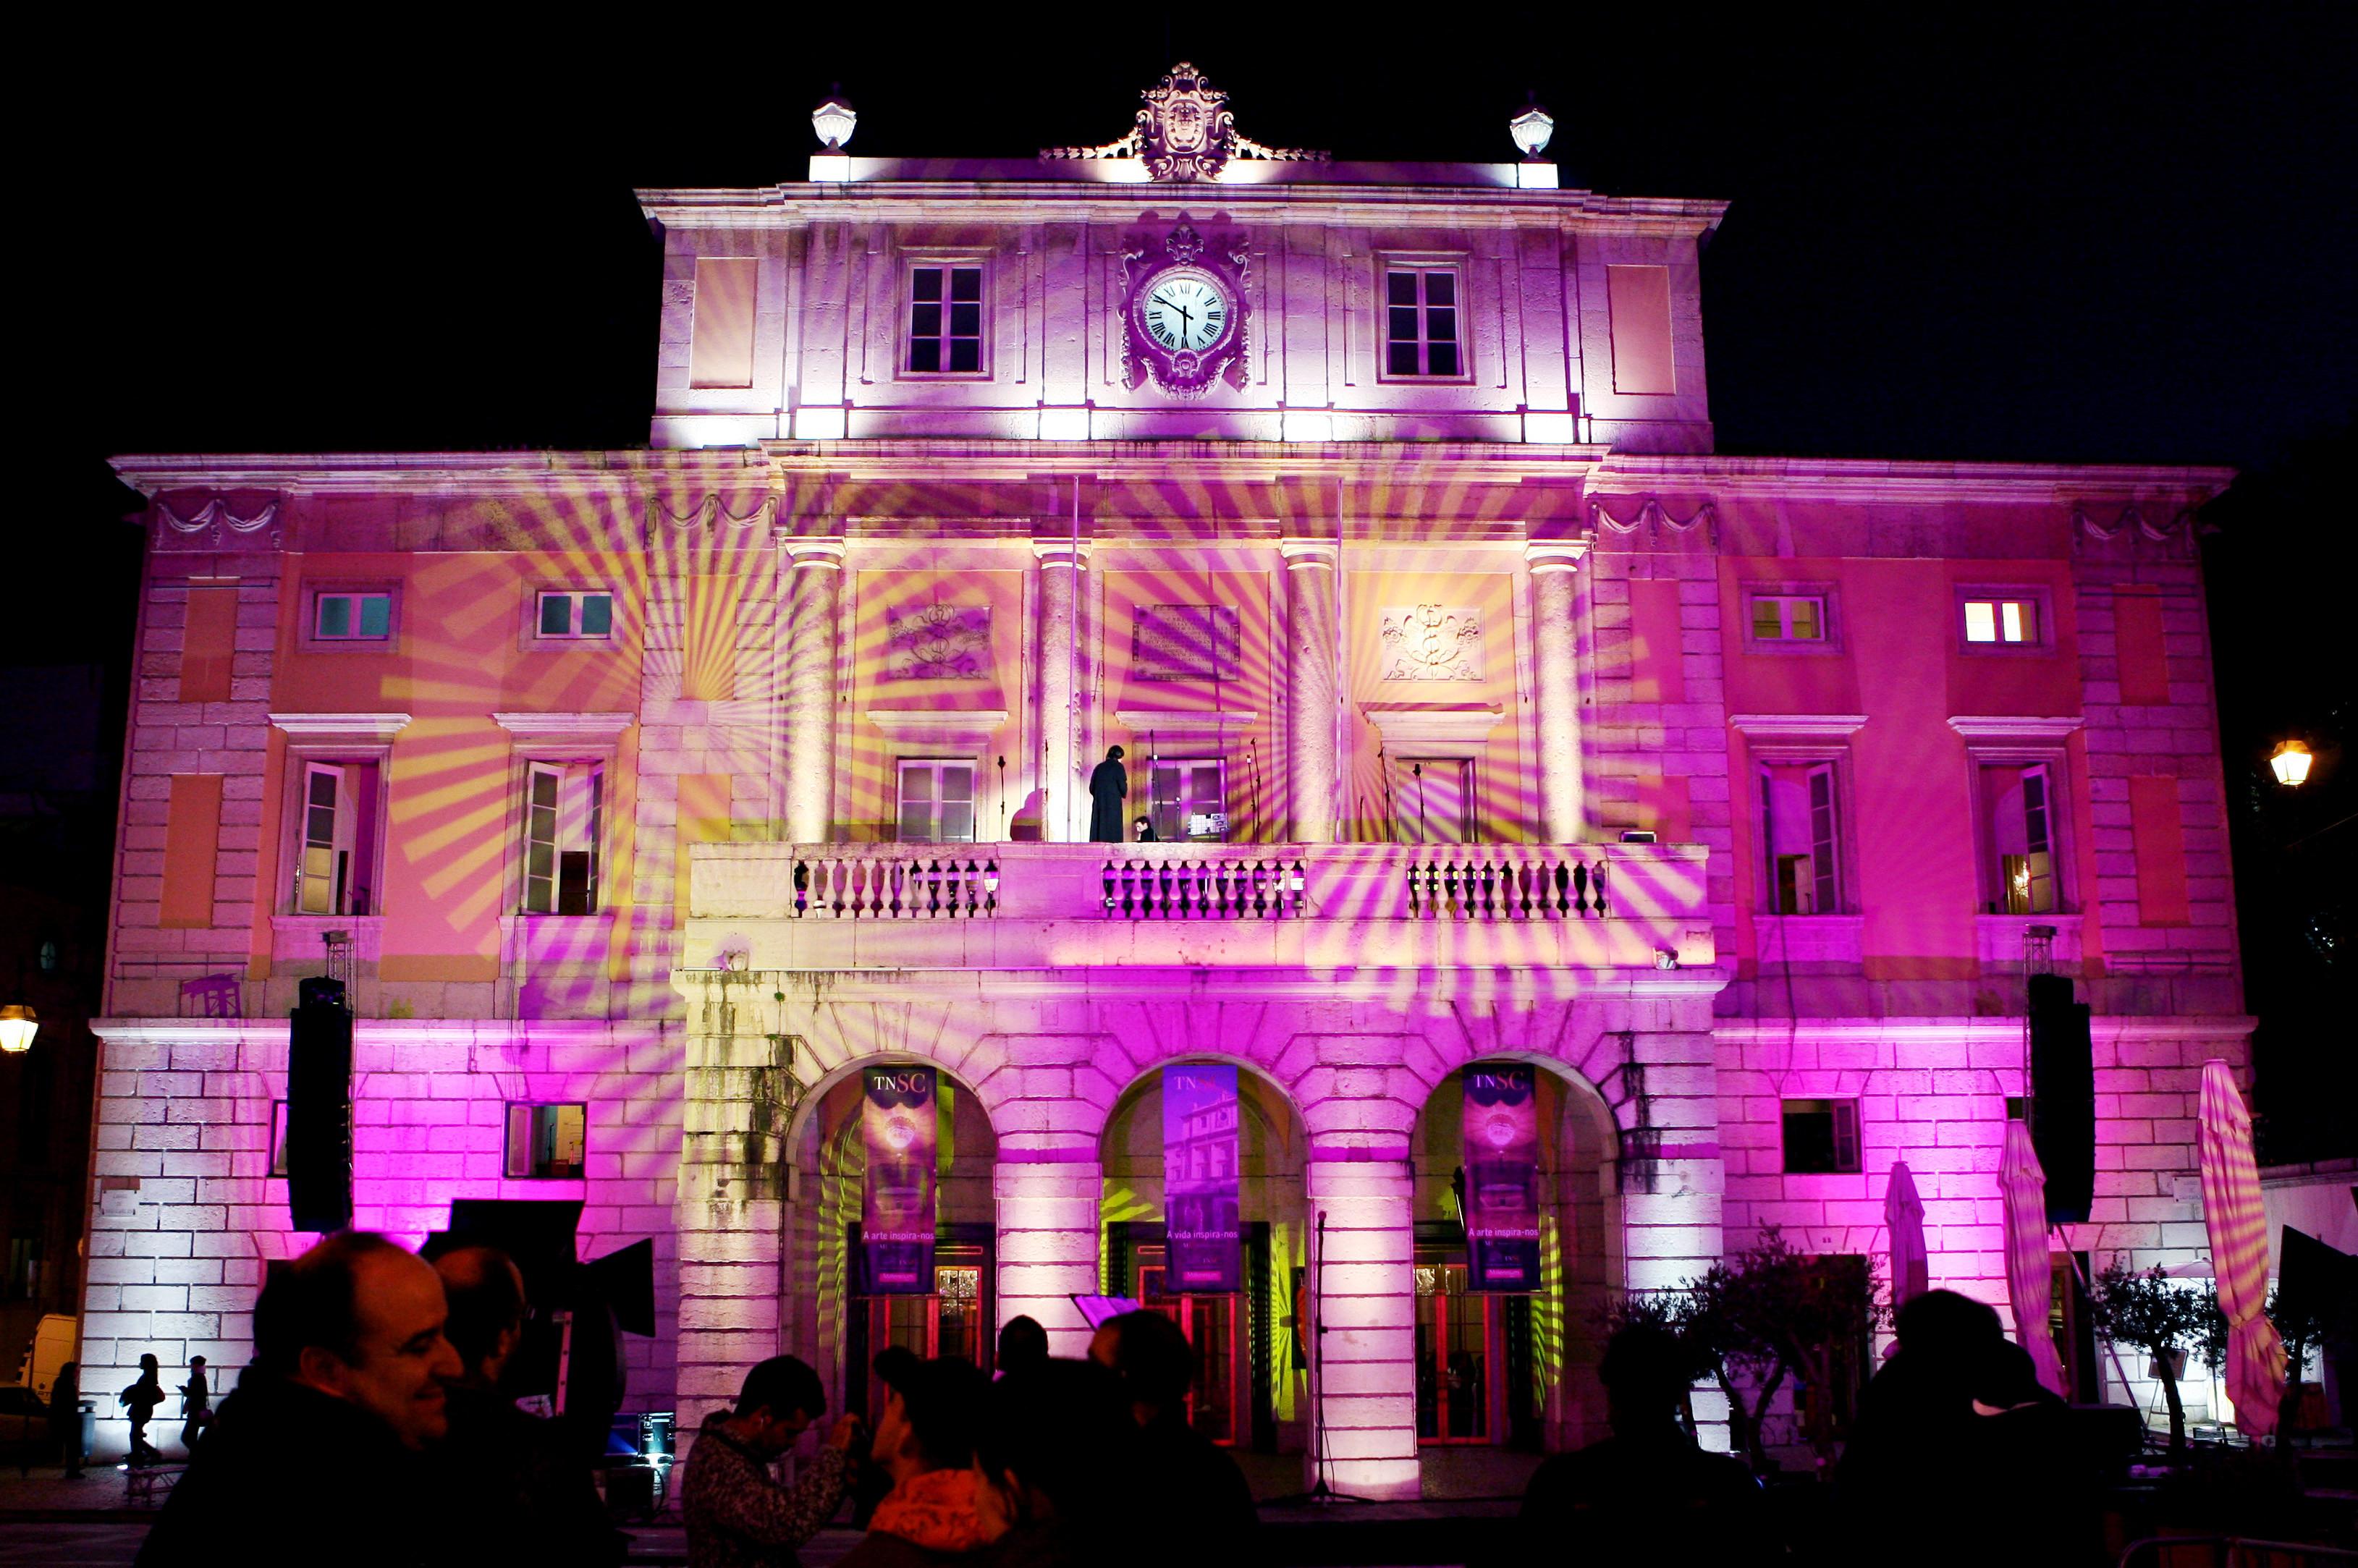 Pré-aviso de greve ameaça estreia da opereta 'L'Étoile' no S. Carlos